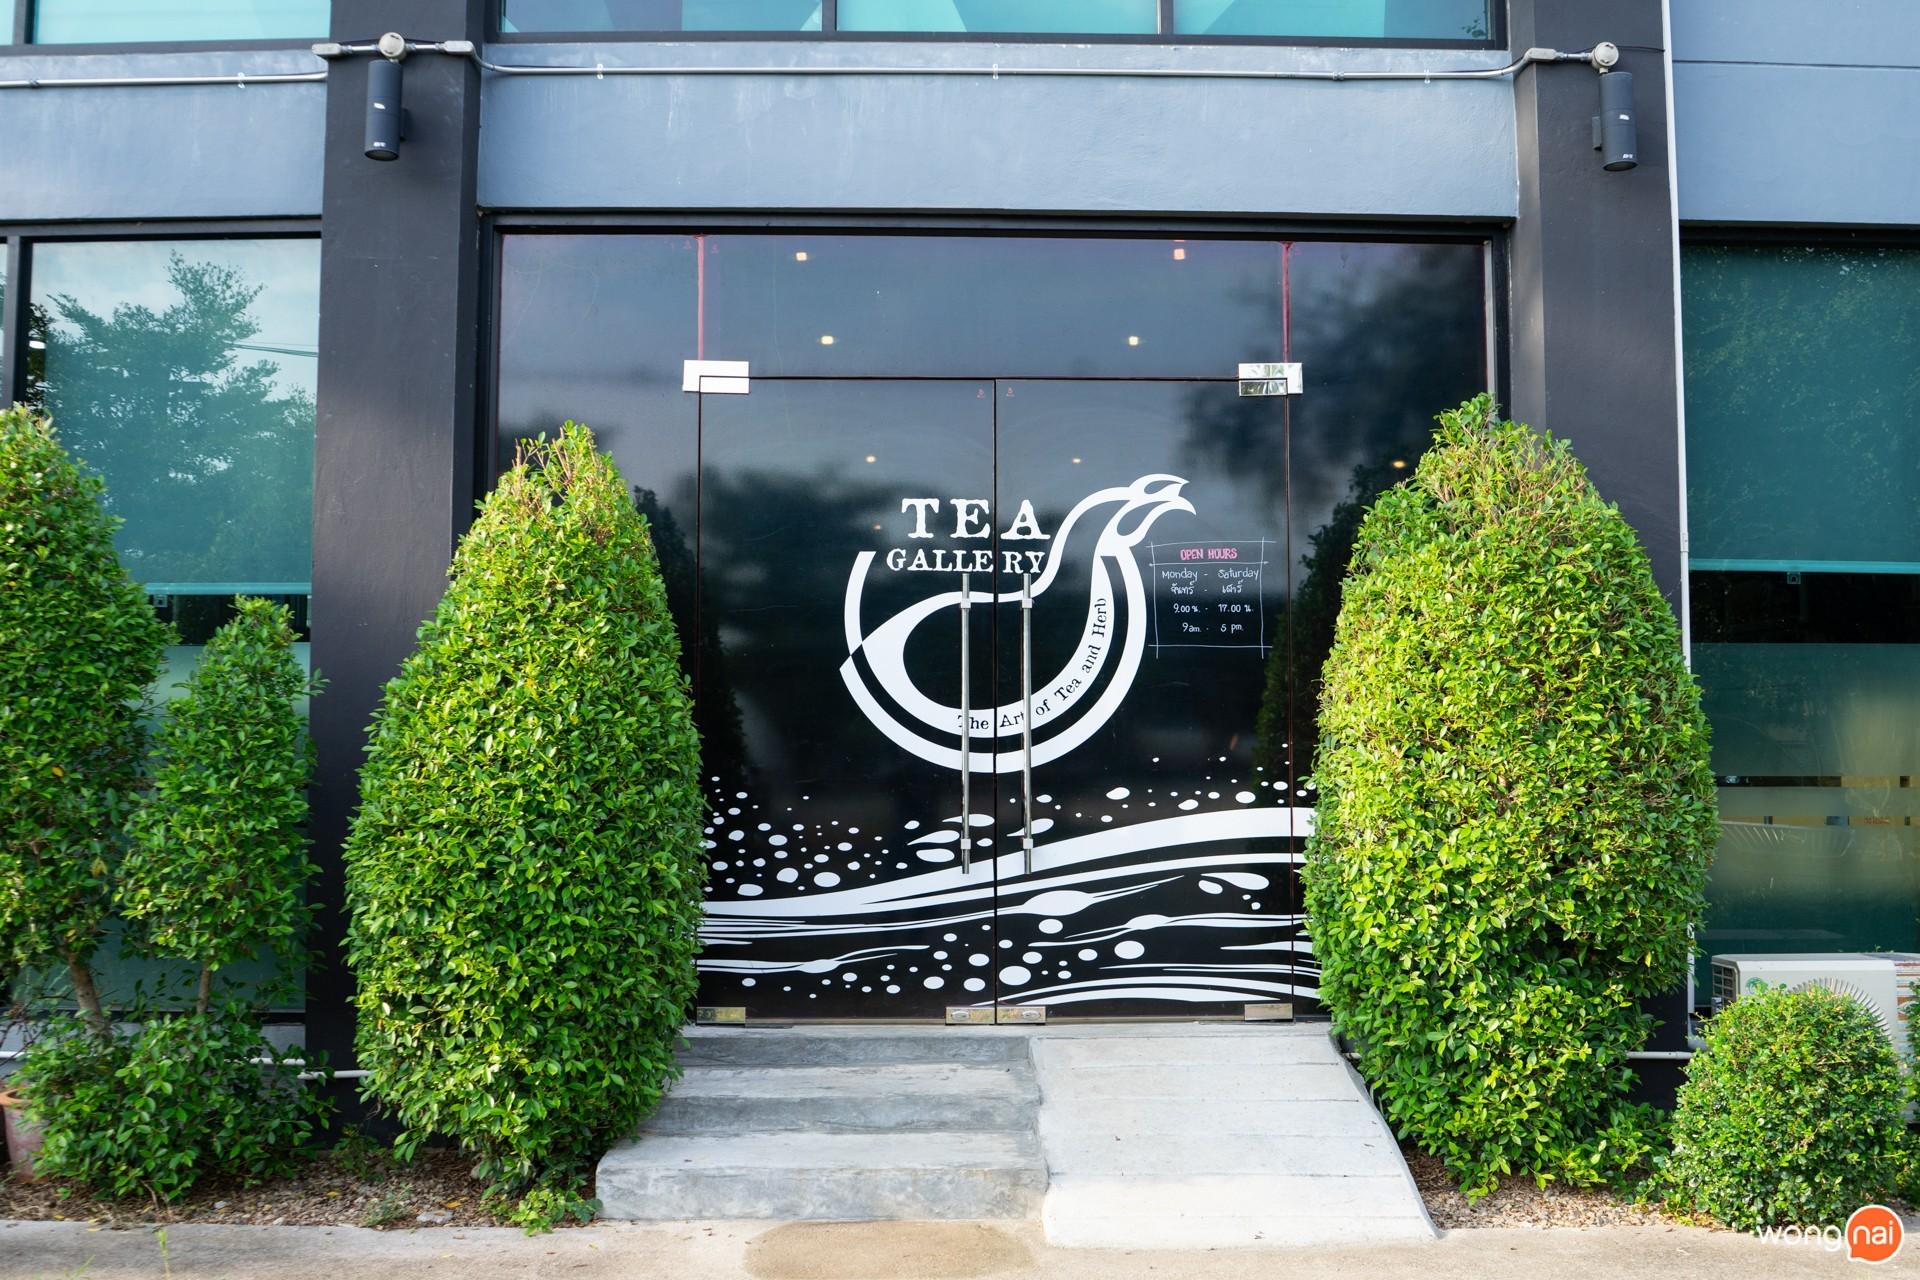 ร้าน Tea Gallery เชียงใหม่ ชาร้อน ร้านน้ำชา ดื่มชา เชียงใหม่